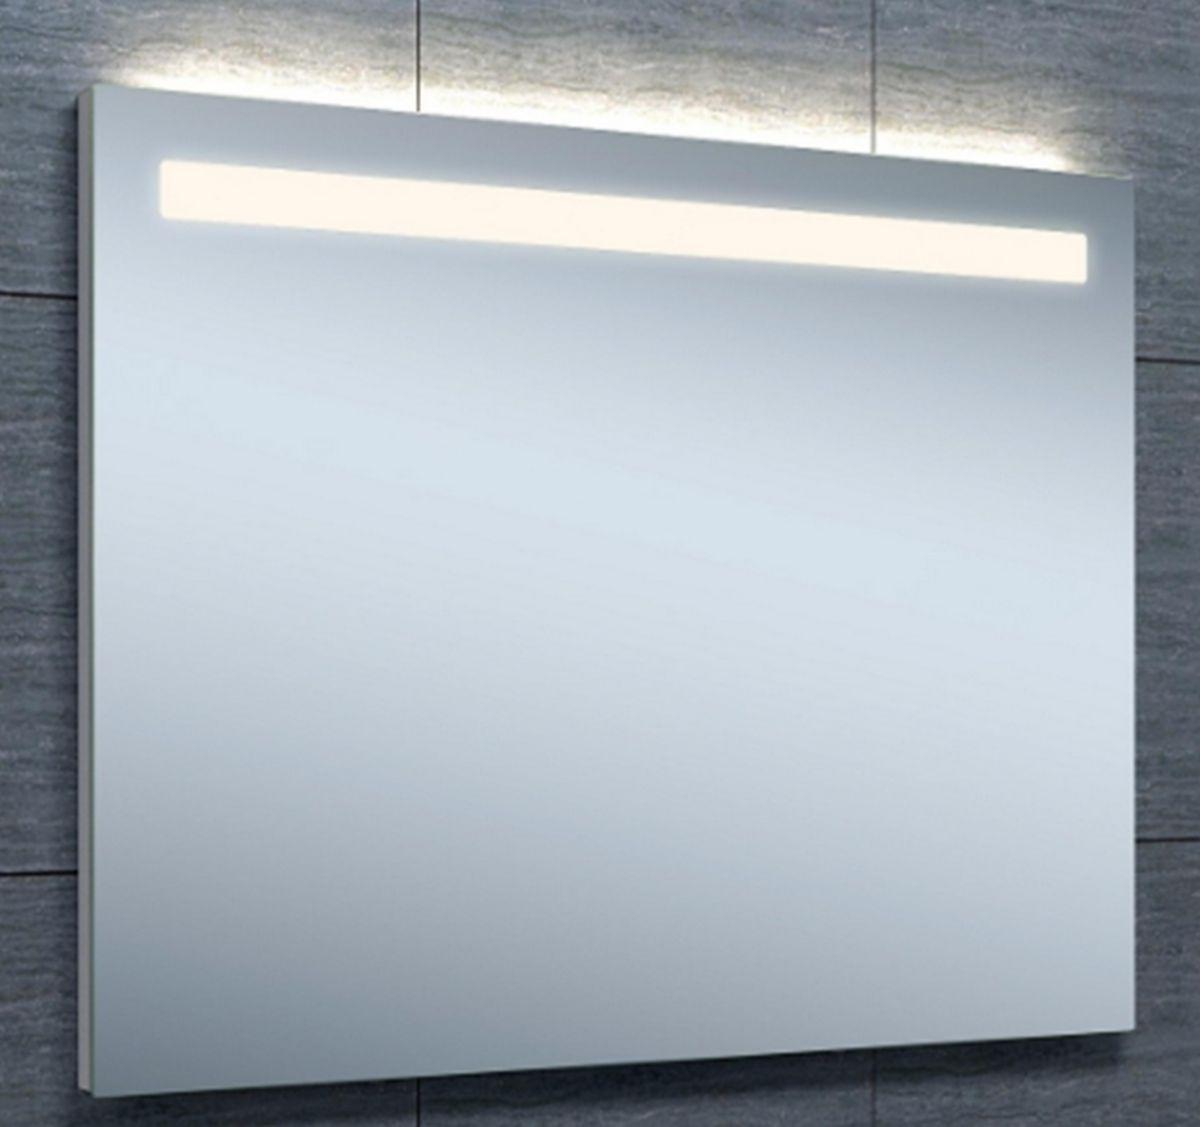 Alterna miroir newyork clairage led 90 x hauteur 70 cm cedeo for Miroir 50 x 90